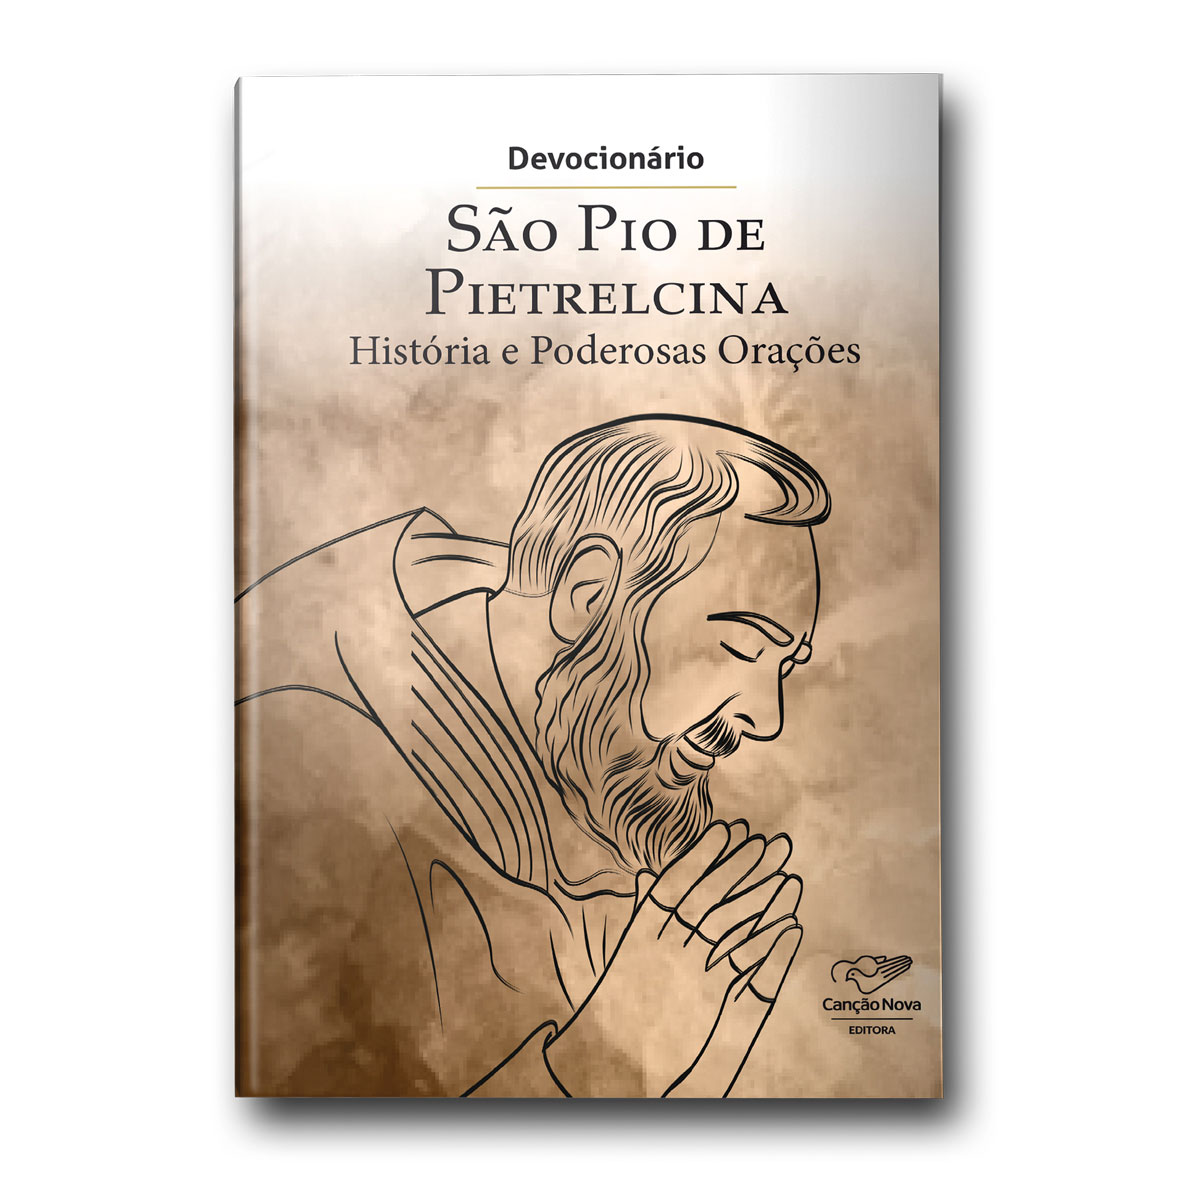 Devocionario São Pio de Pietrelcina - Historias e Poderosas Orações  - VindVedShop - Distribuidora Catolica